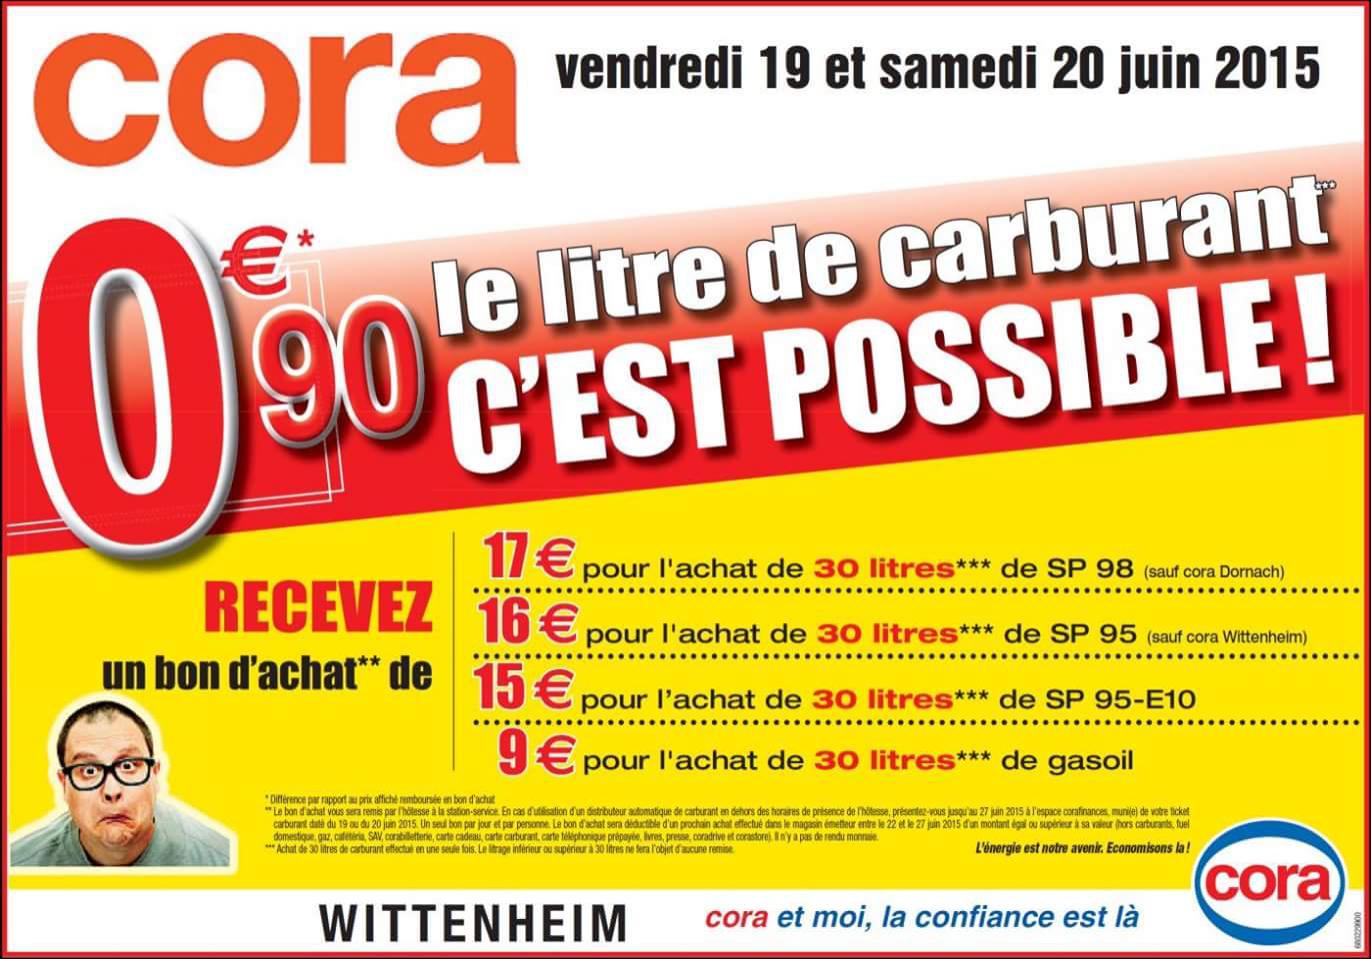 Promotion sur les carburants : 0.90€ le litre - Ex: 30 litres de SP 98 (avec 17€ en bon d'achat)